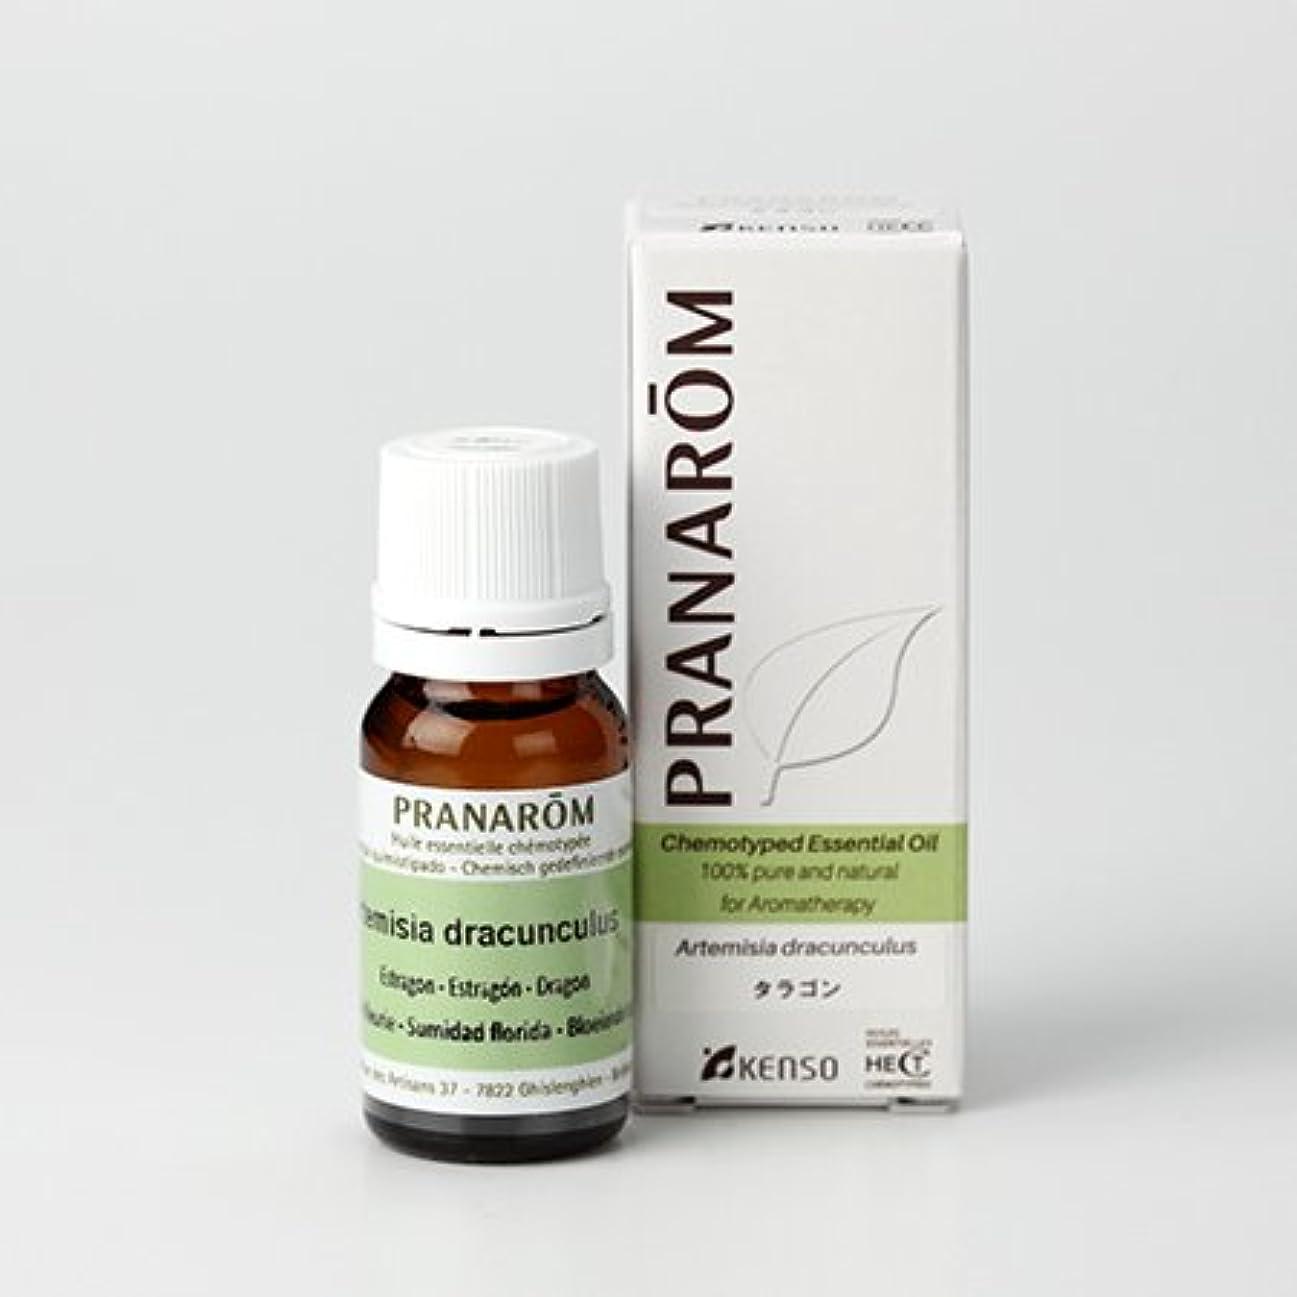 脱臼するローブ肯定的プラナロム ( PRANAROM ) 精油 タラゴン 10ml p-15